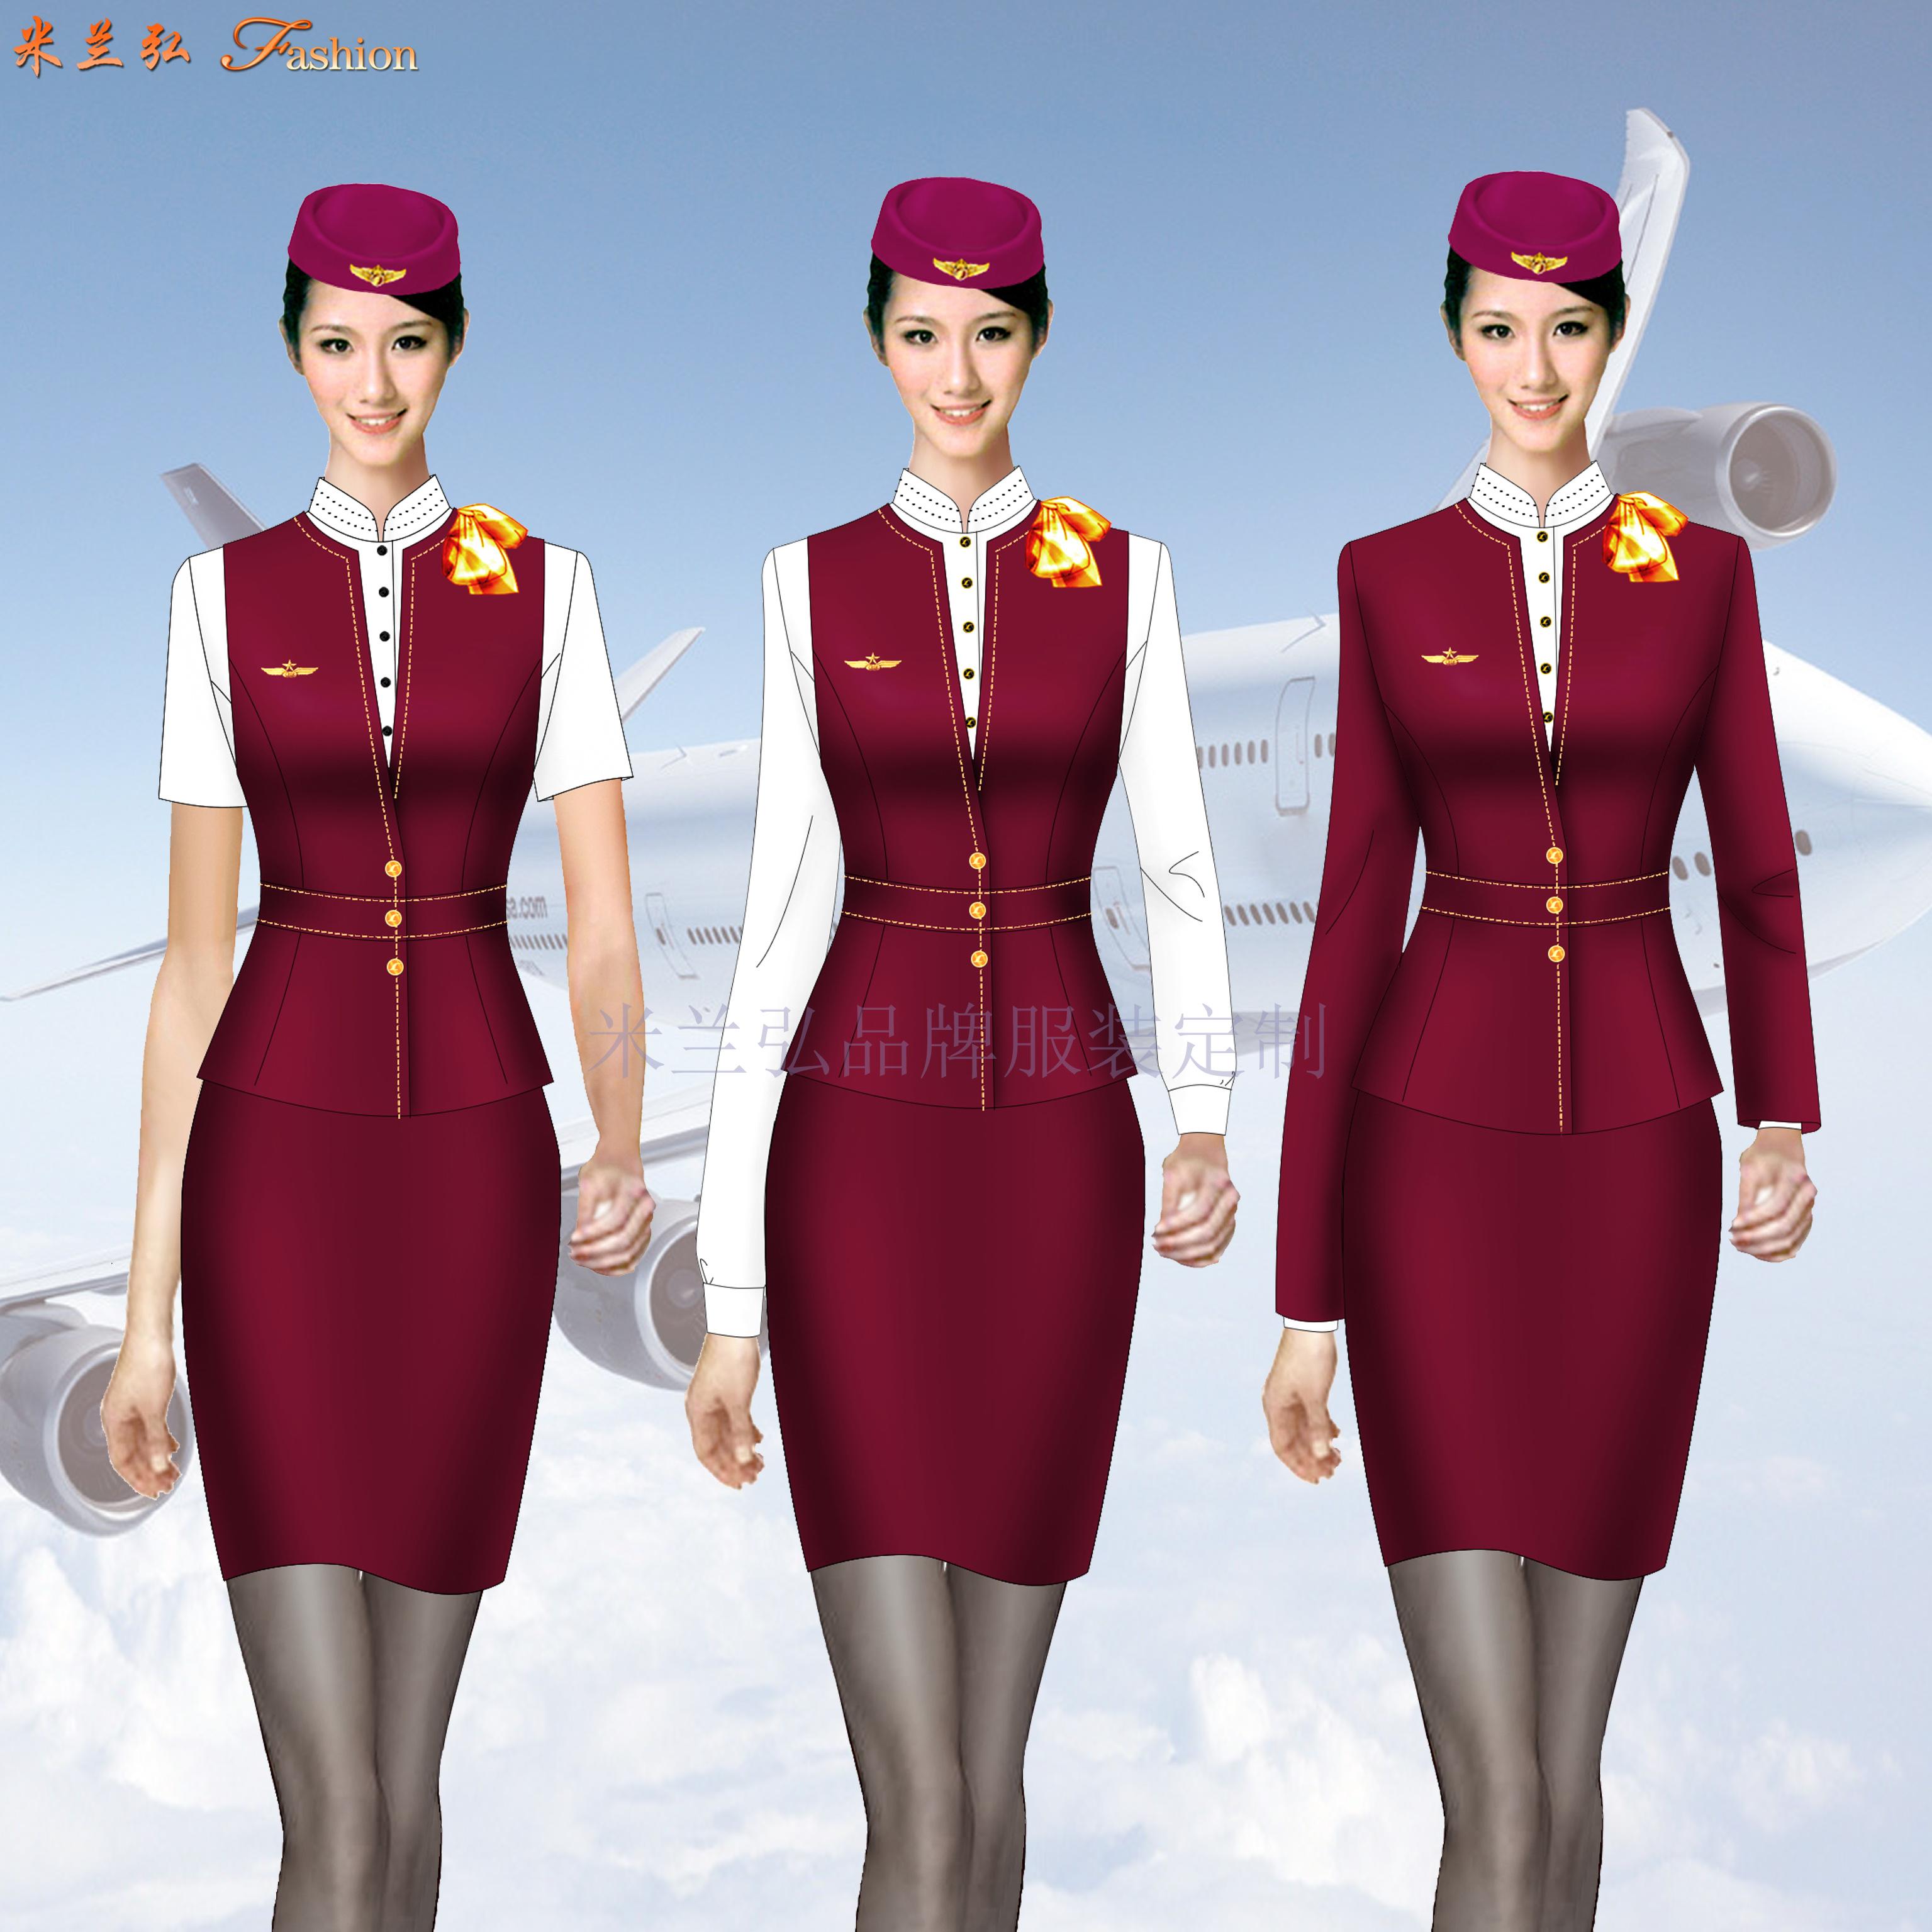 空姐職業裝定做圖片_空乘時裝套裝訂制-米蘭弘服裝廠家-2